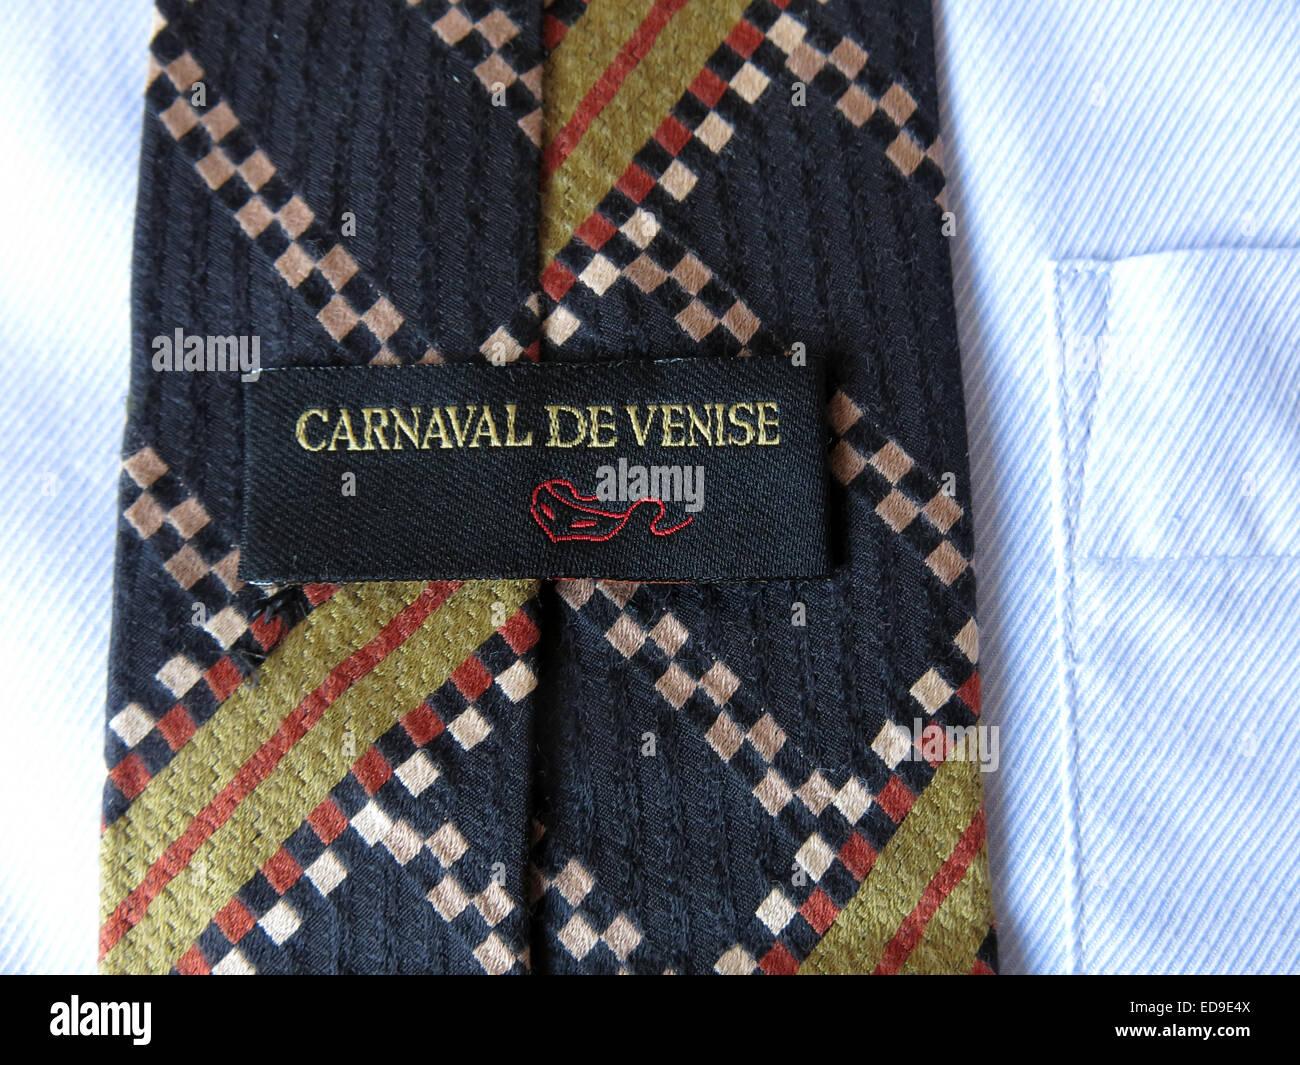 Laden Sie dieses Alamy Stockfoto Interessante Oldtimer Carnaval De Venise Krawatte, männliche Antik in Seide - ED9E4X